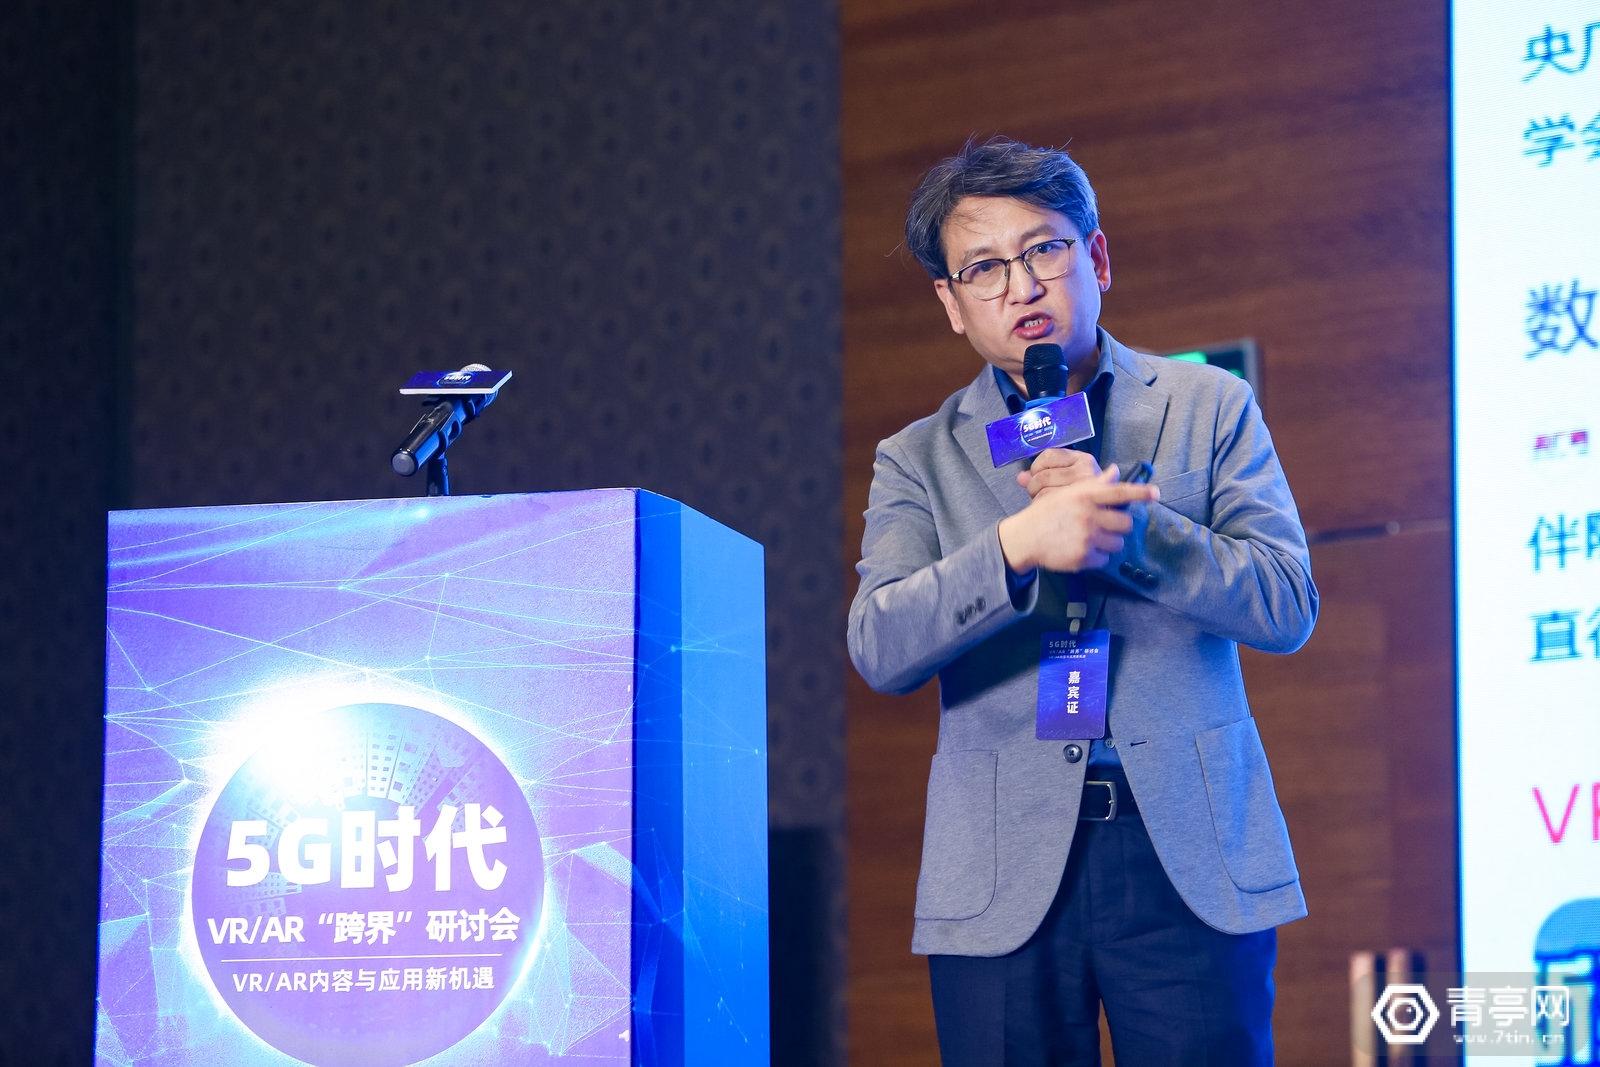 张洪忠:VR领域正发生突变,每次技术迭代都是革命性的